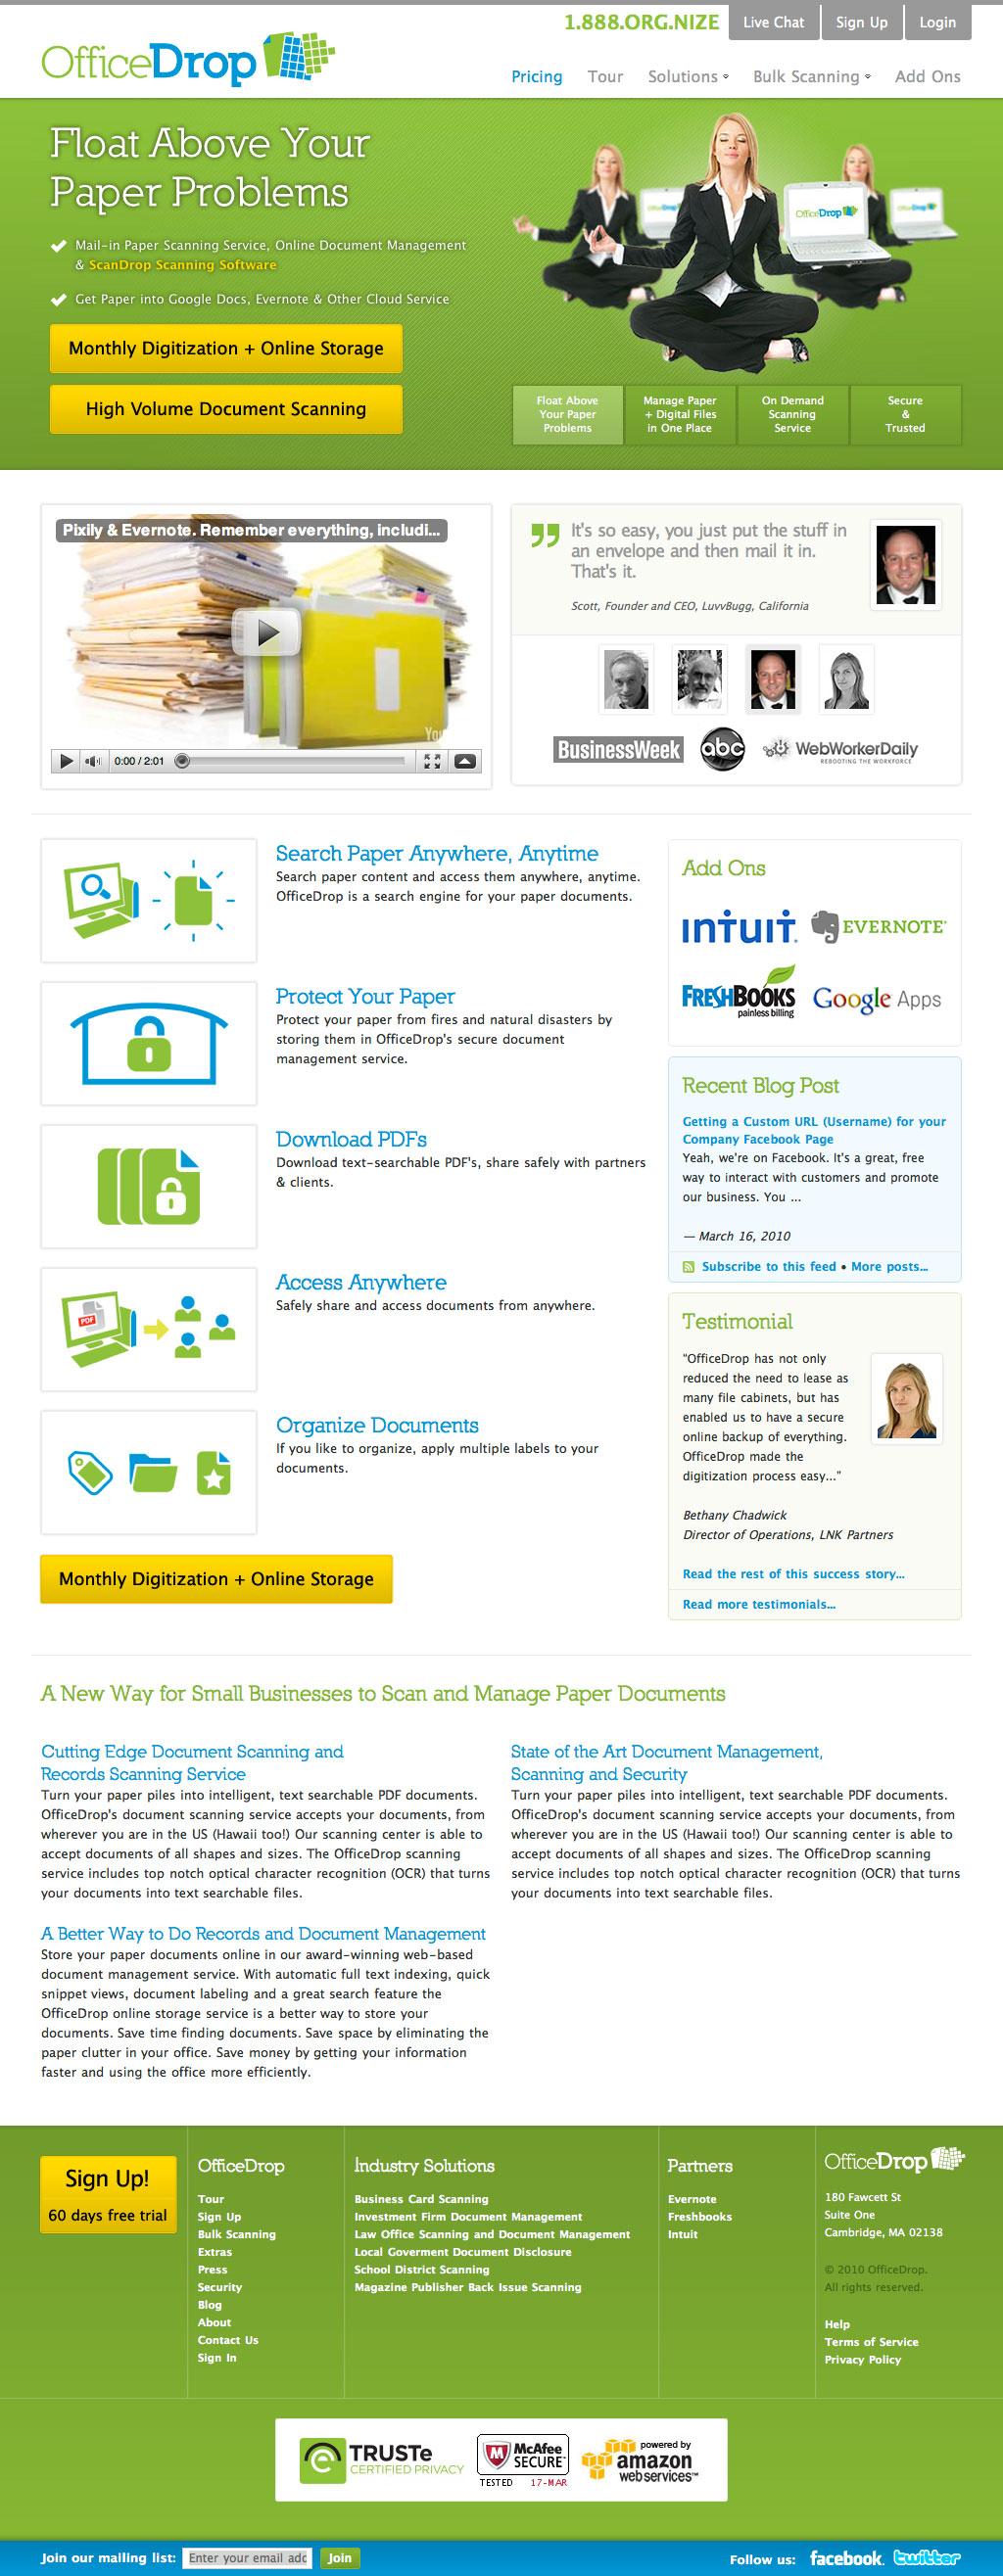 OfficeDrop Website